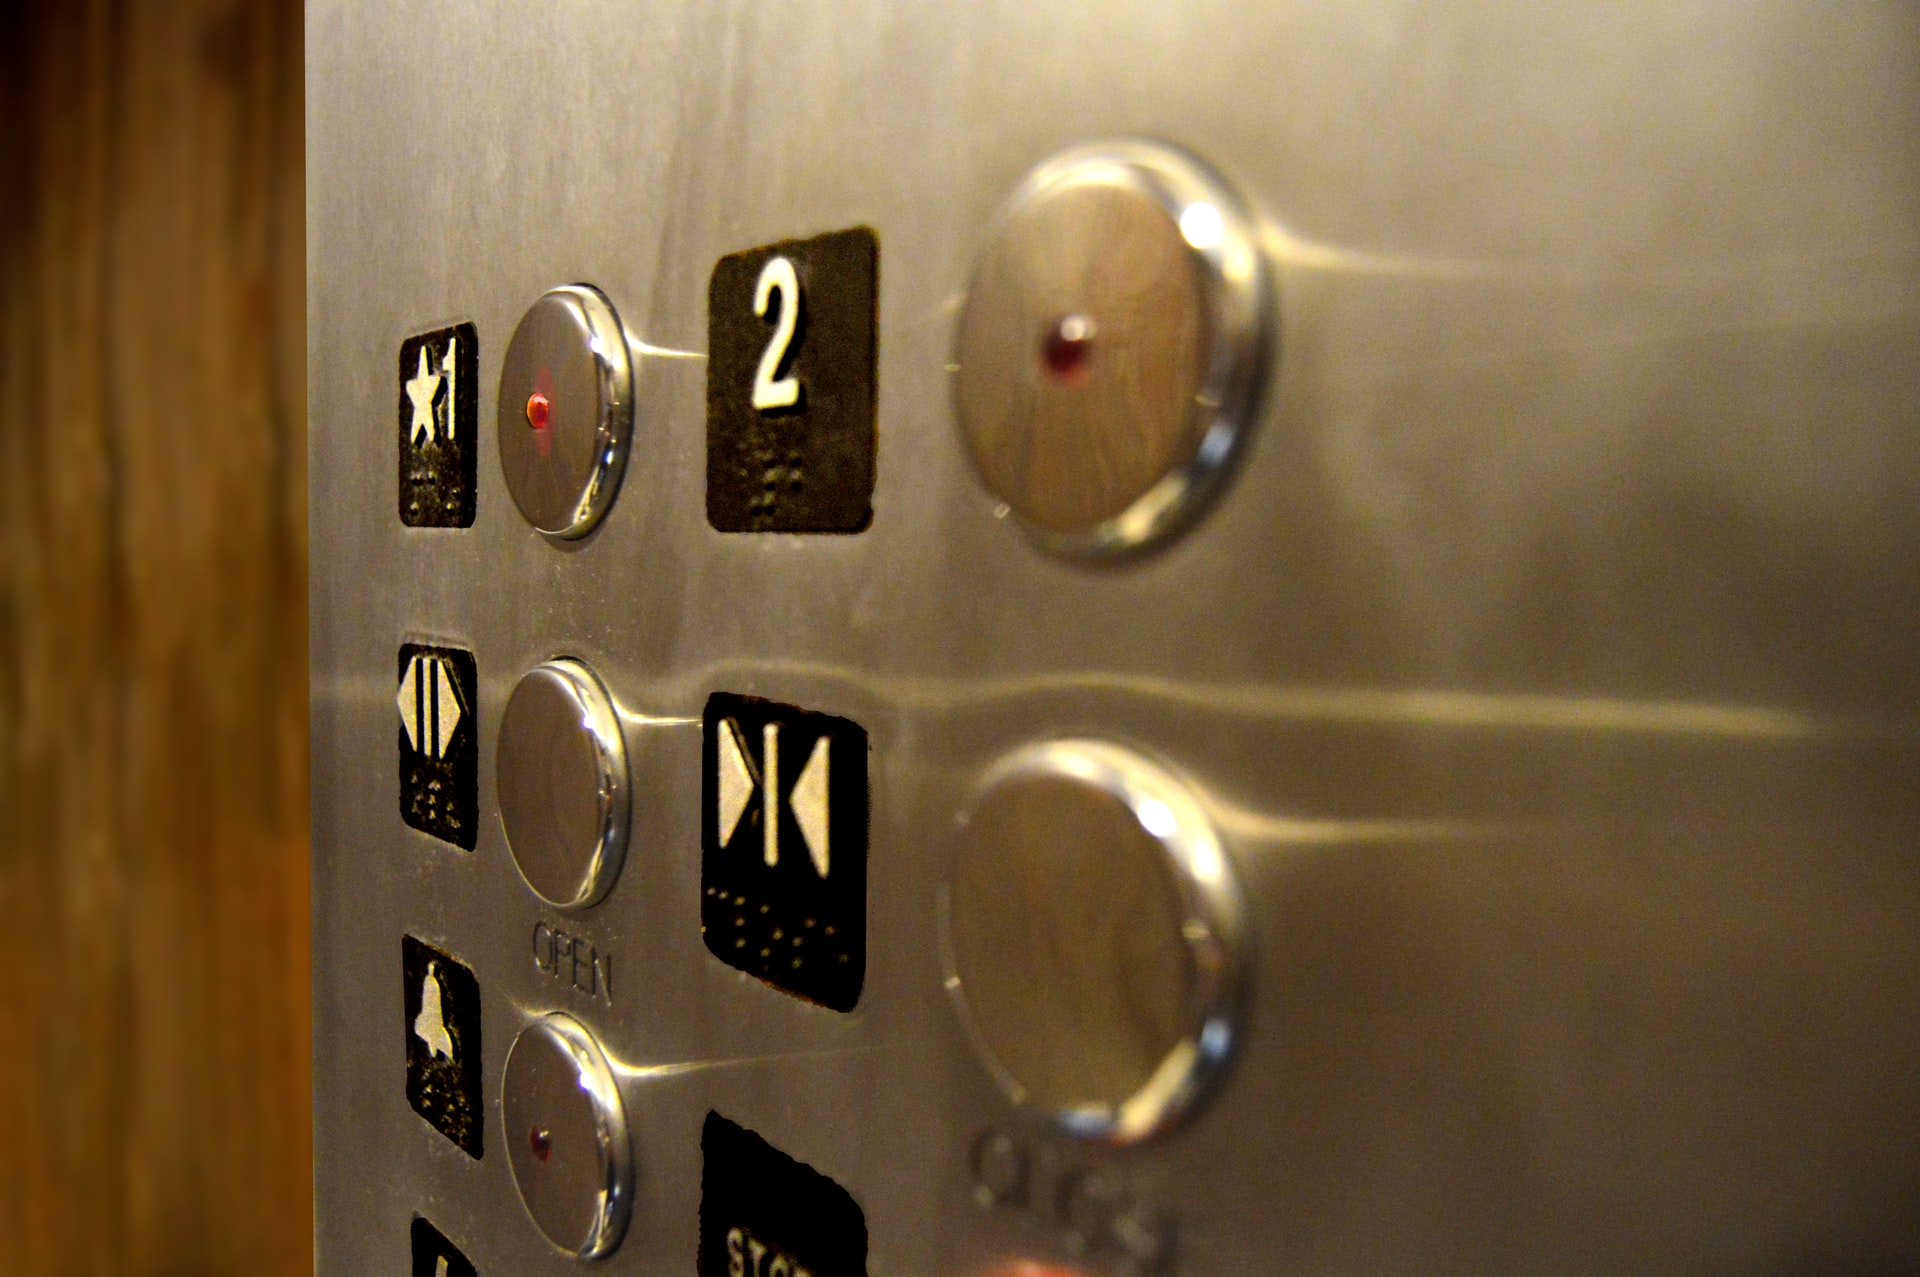 В Москве начали производить лифты с системой бесконтактного управления